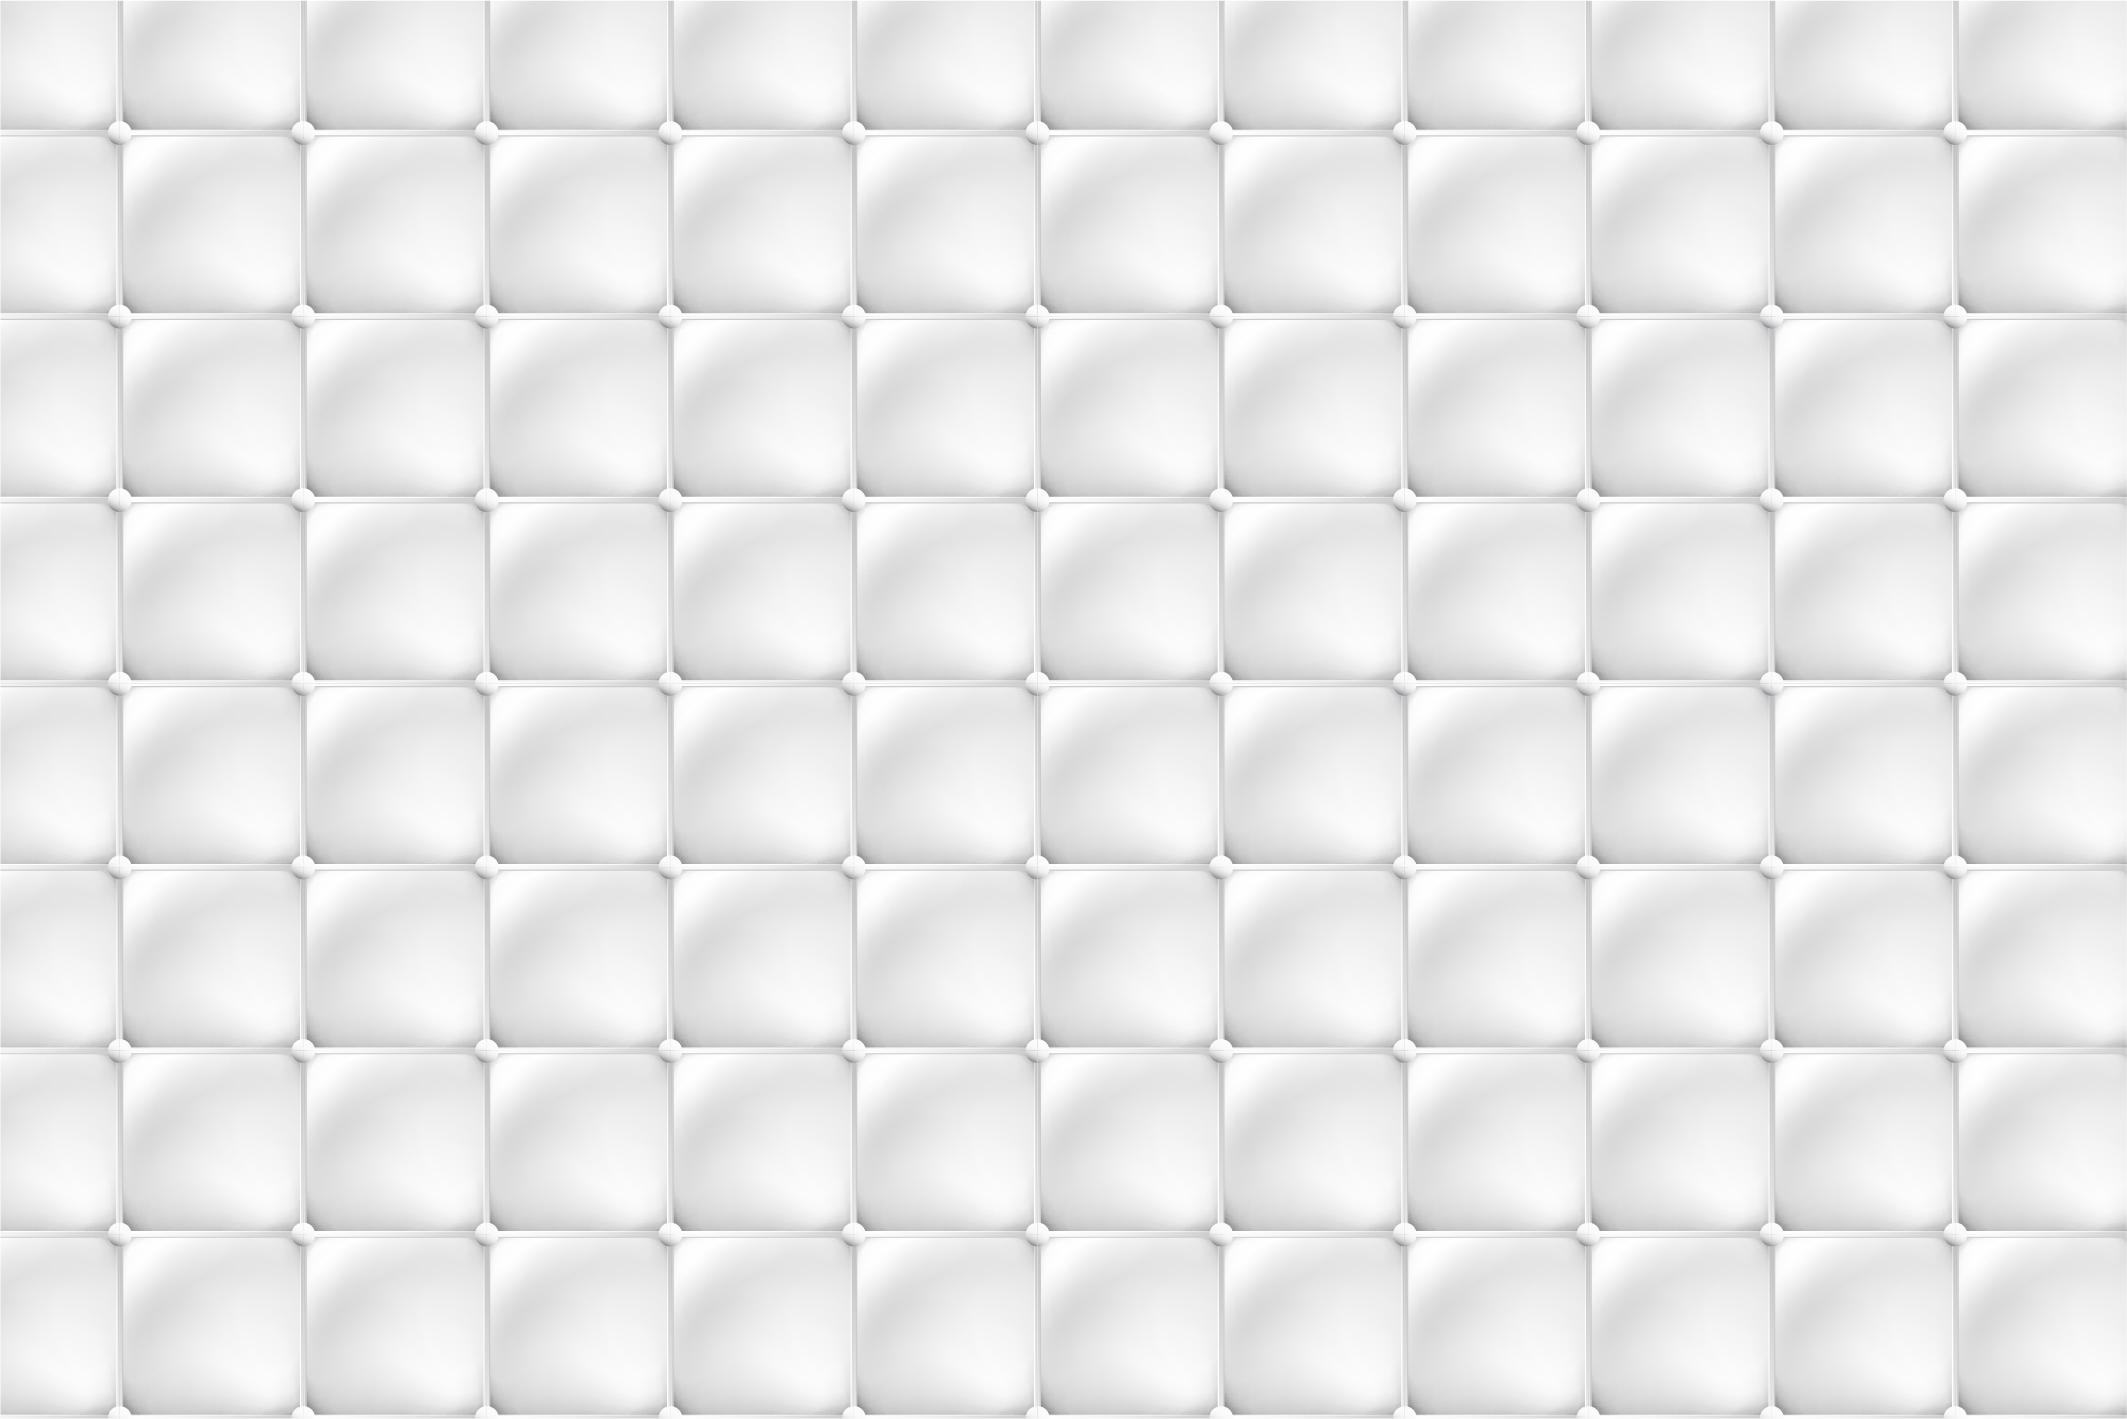 White seamless textures example image 5